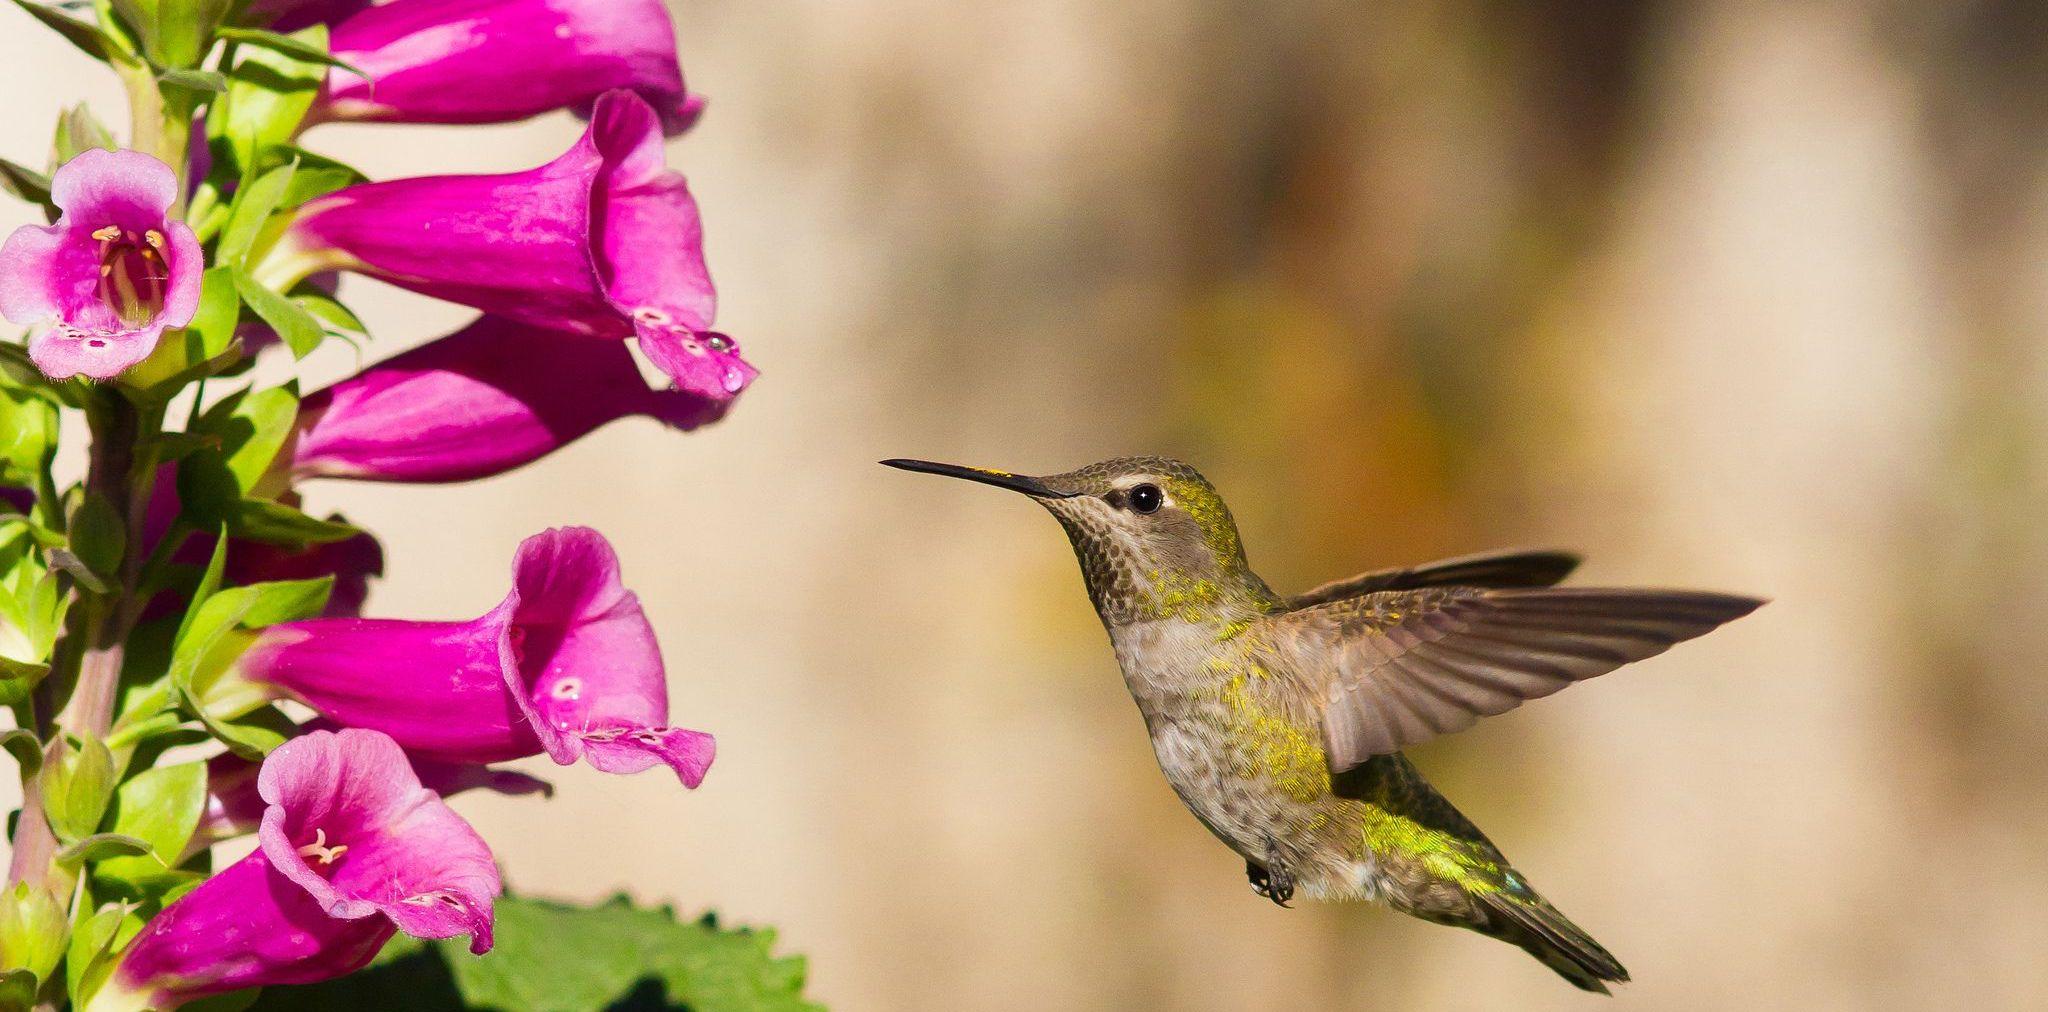 Вынужденный экспресс-курс эволюции: дигиталис и колибри